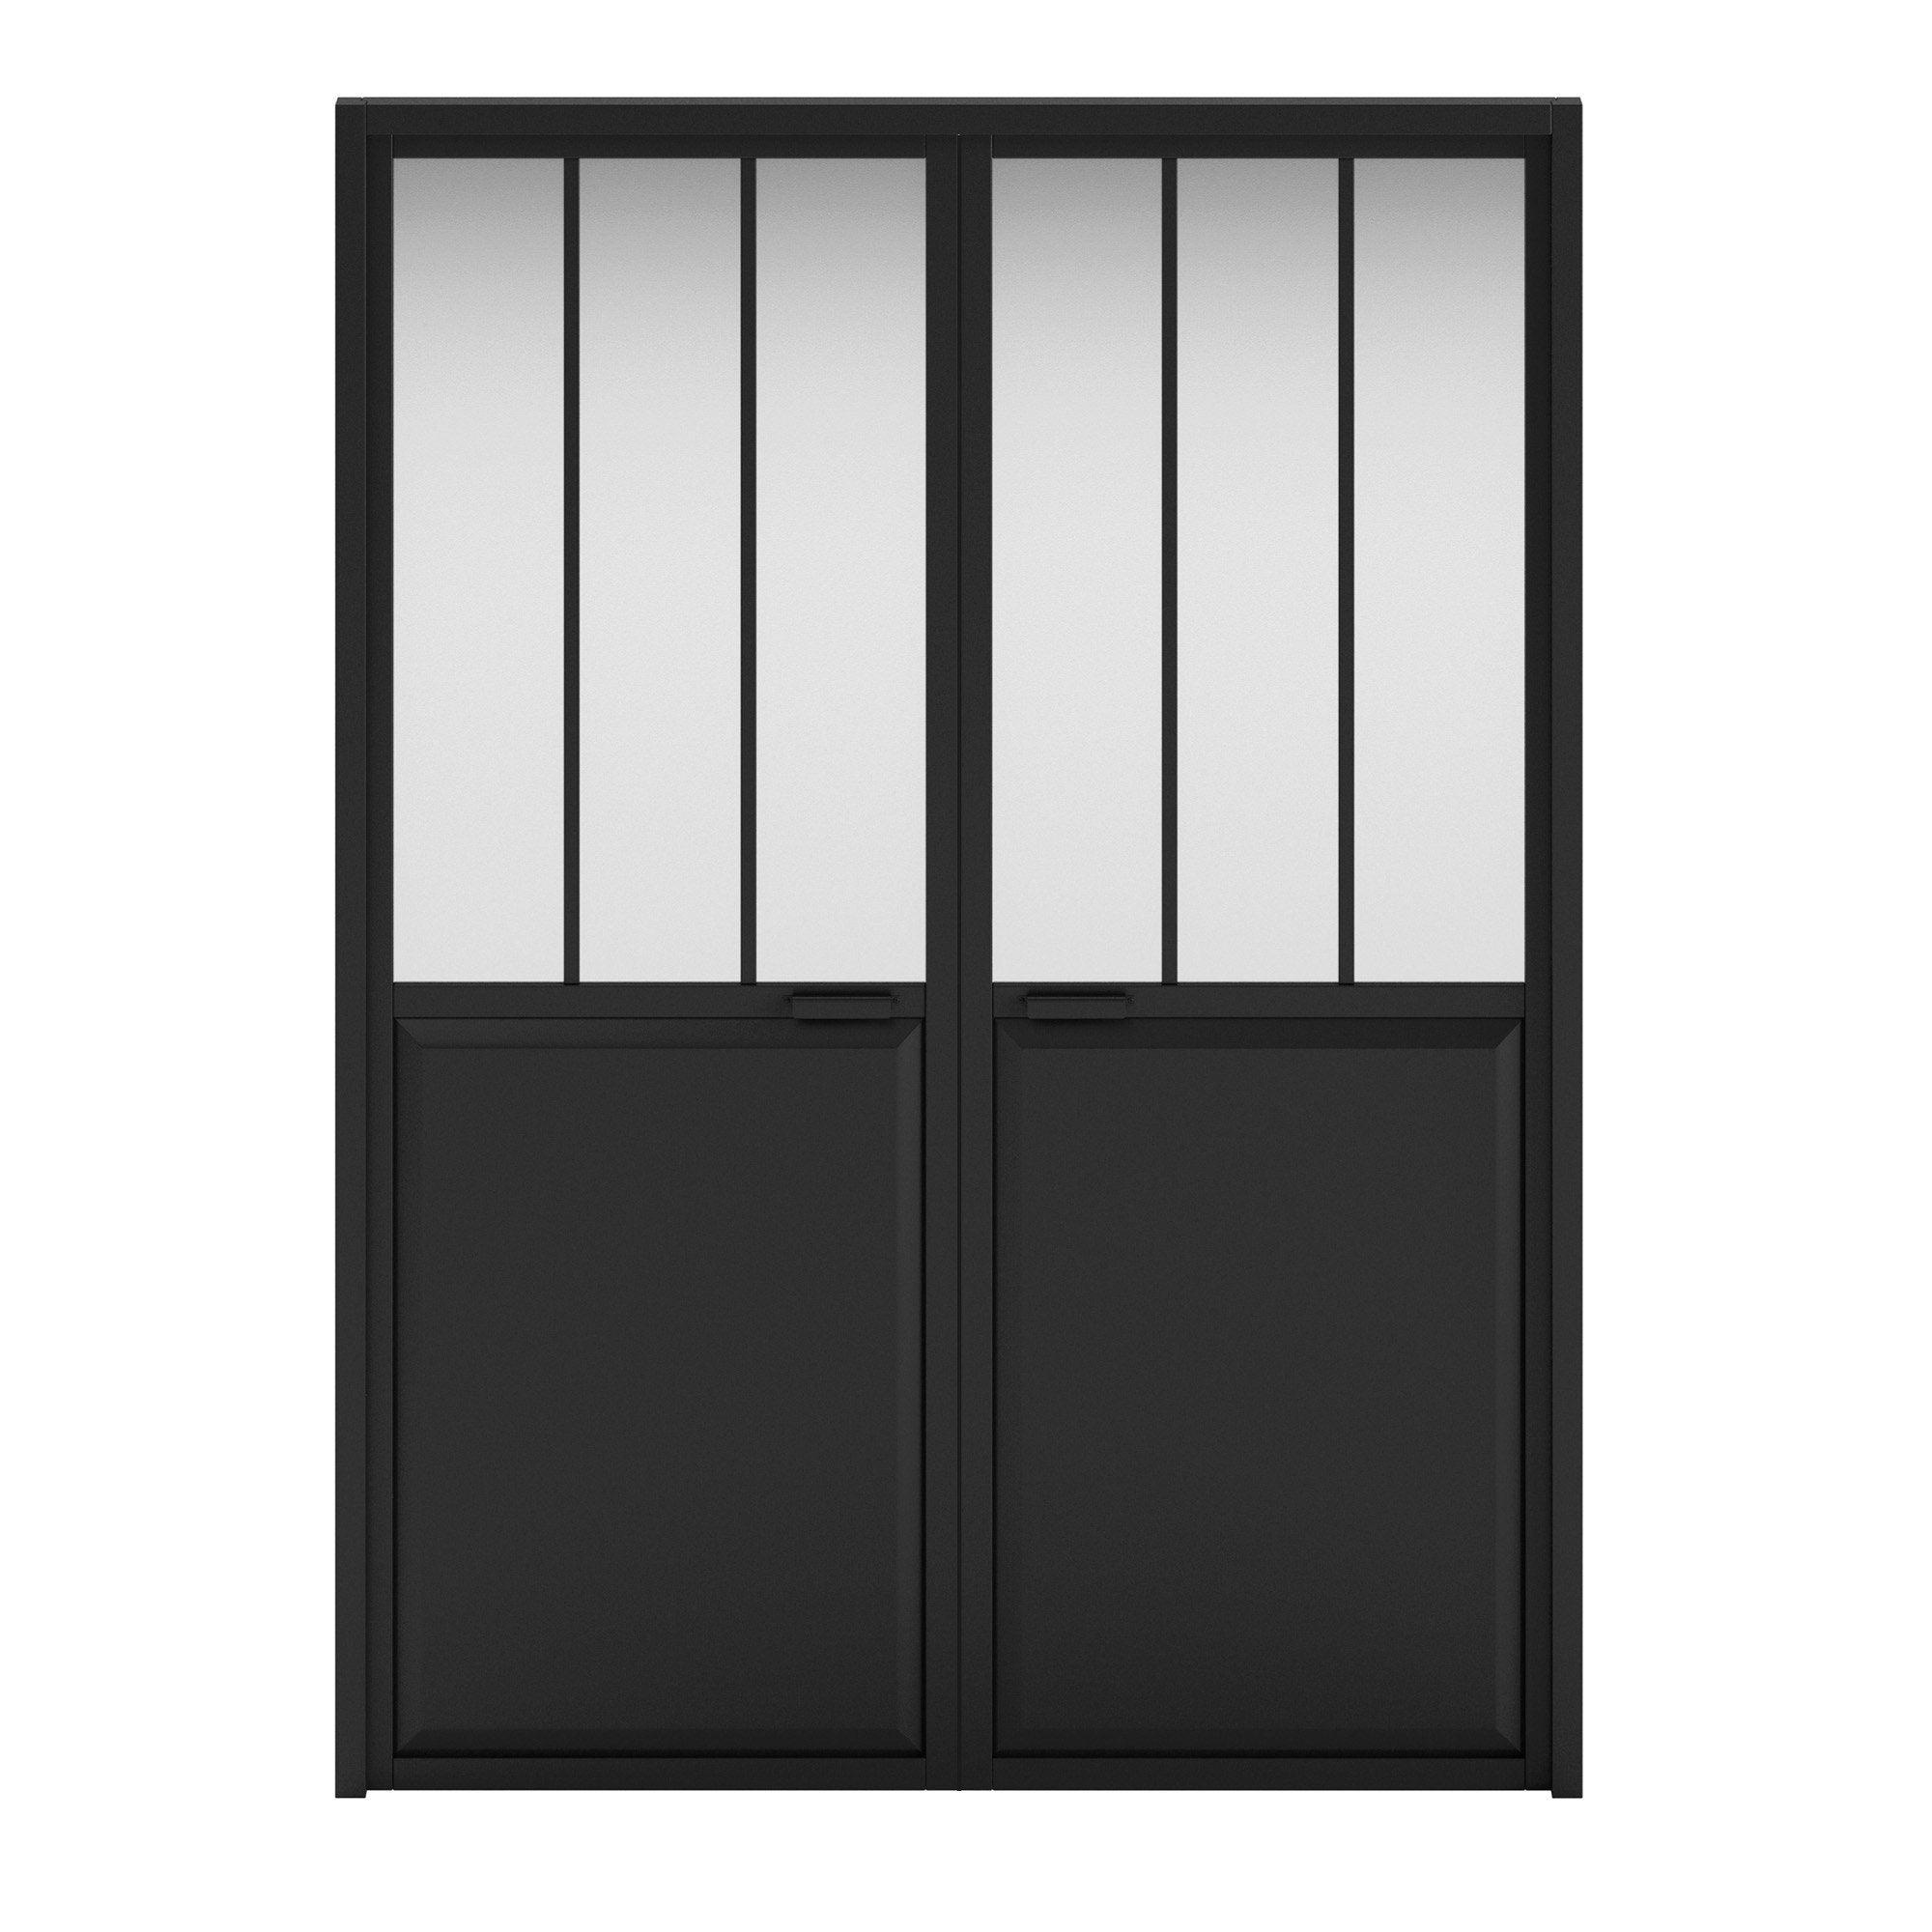 Double porte atelier vitré Atelier, noir H.204 x l.146 cm, poussant droit